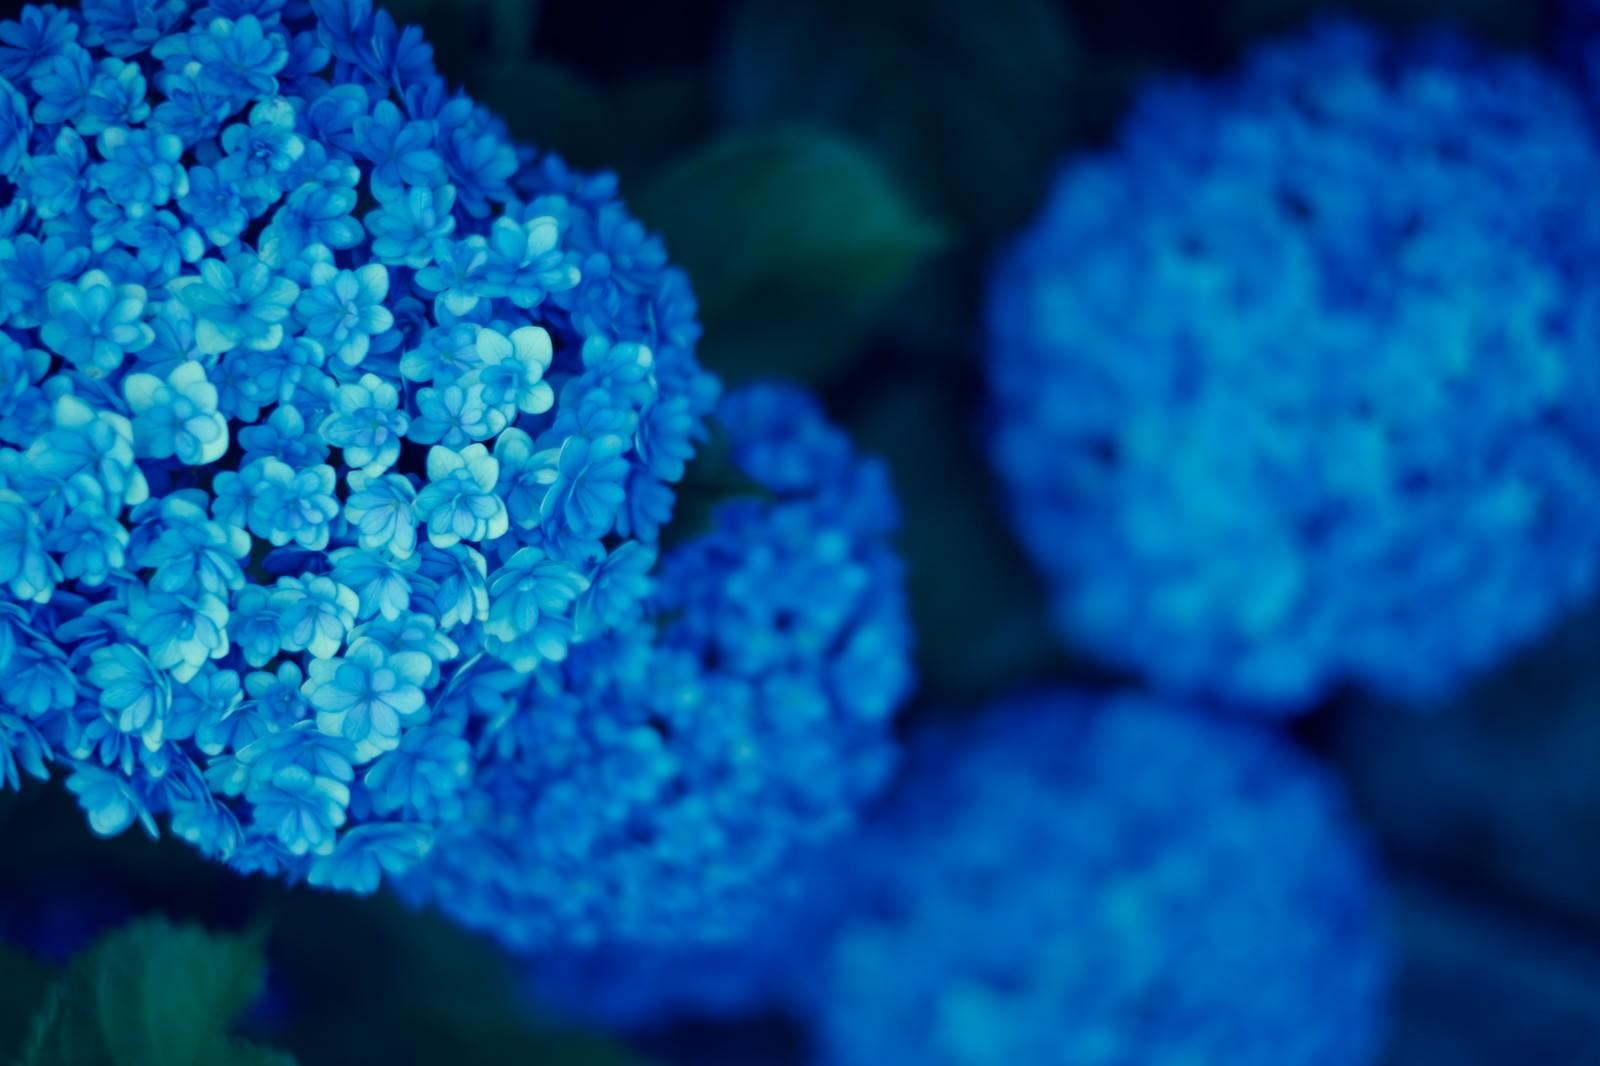 「青いまんまる紫陽花青いまんまる紫陽花」のフリー写真素材を拡大